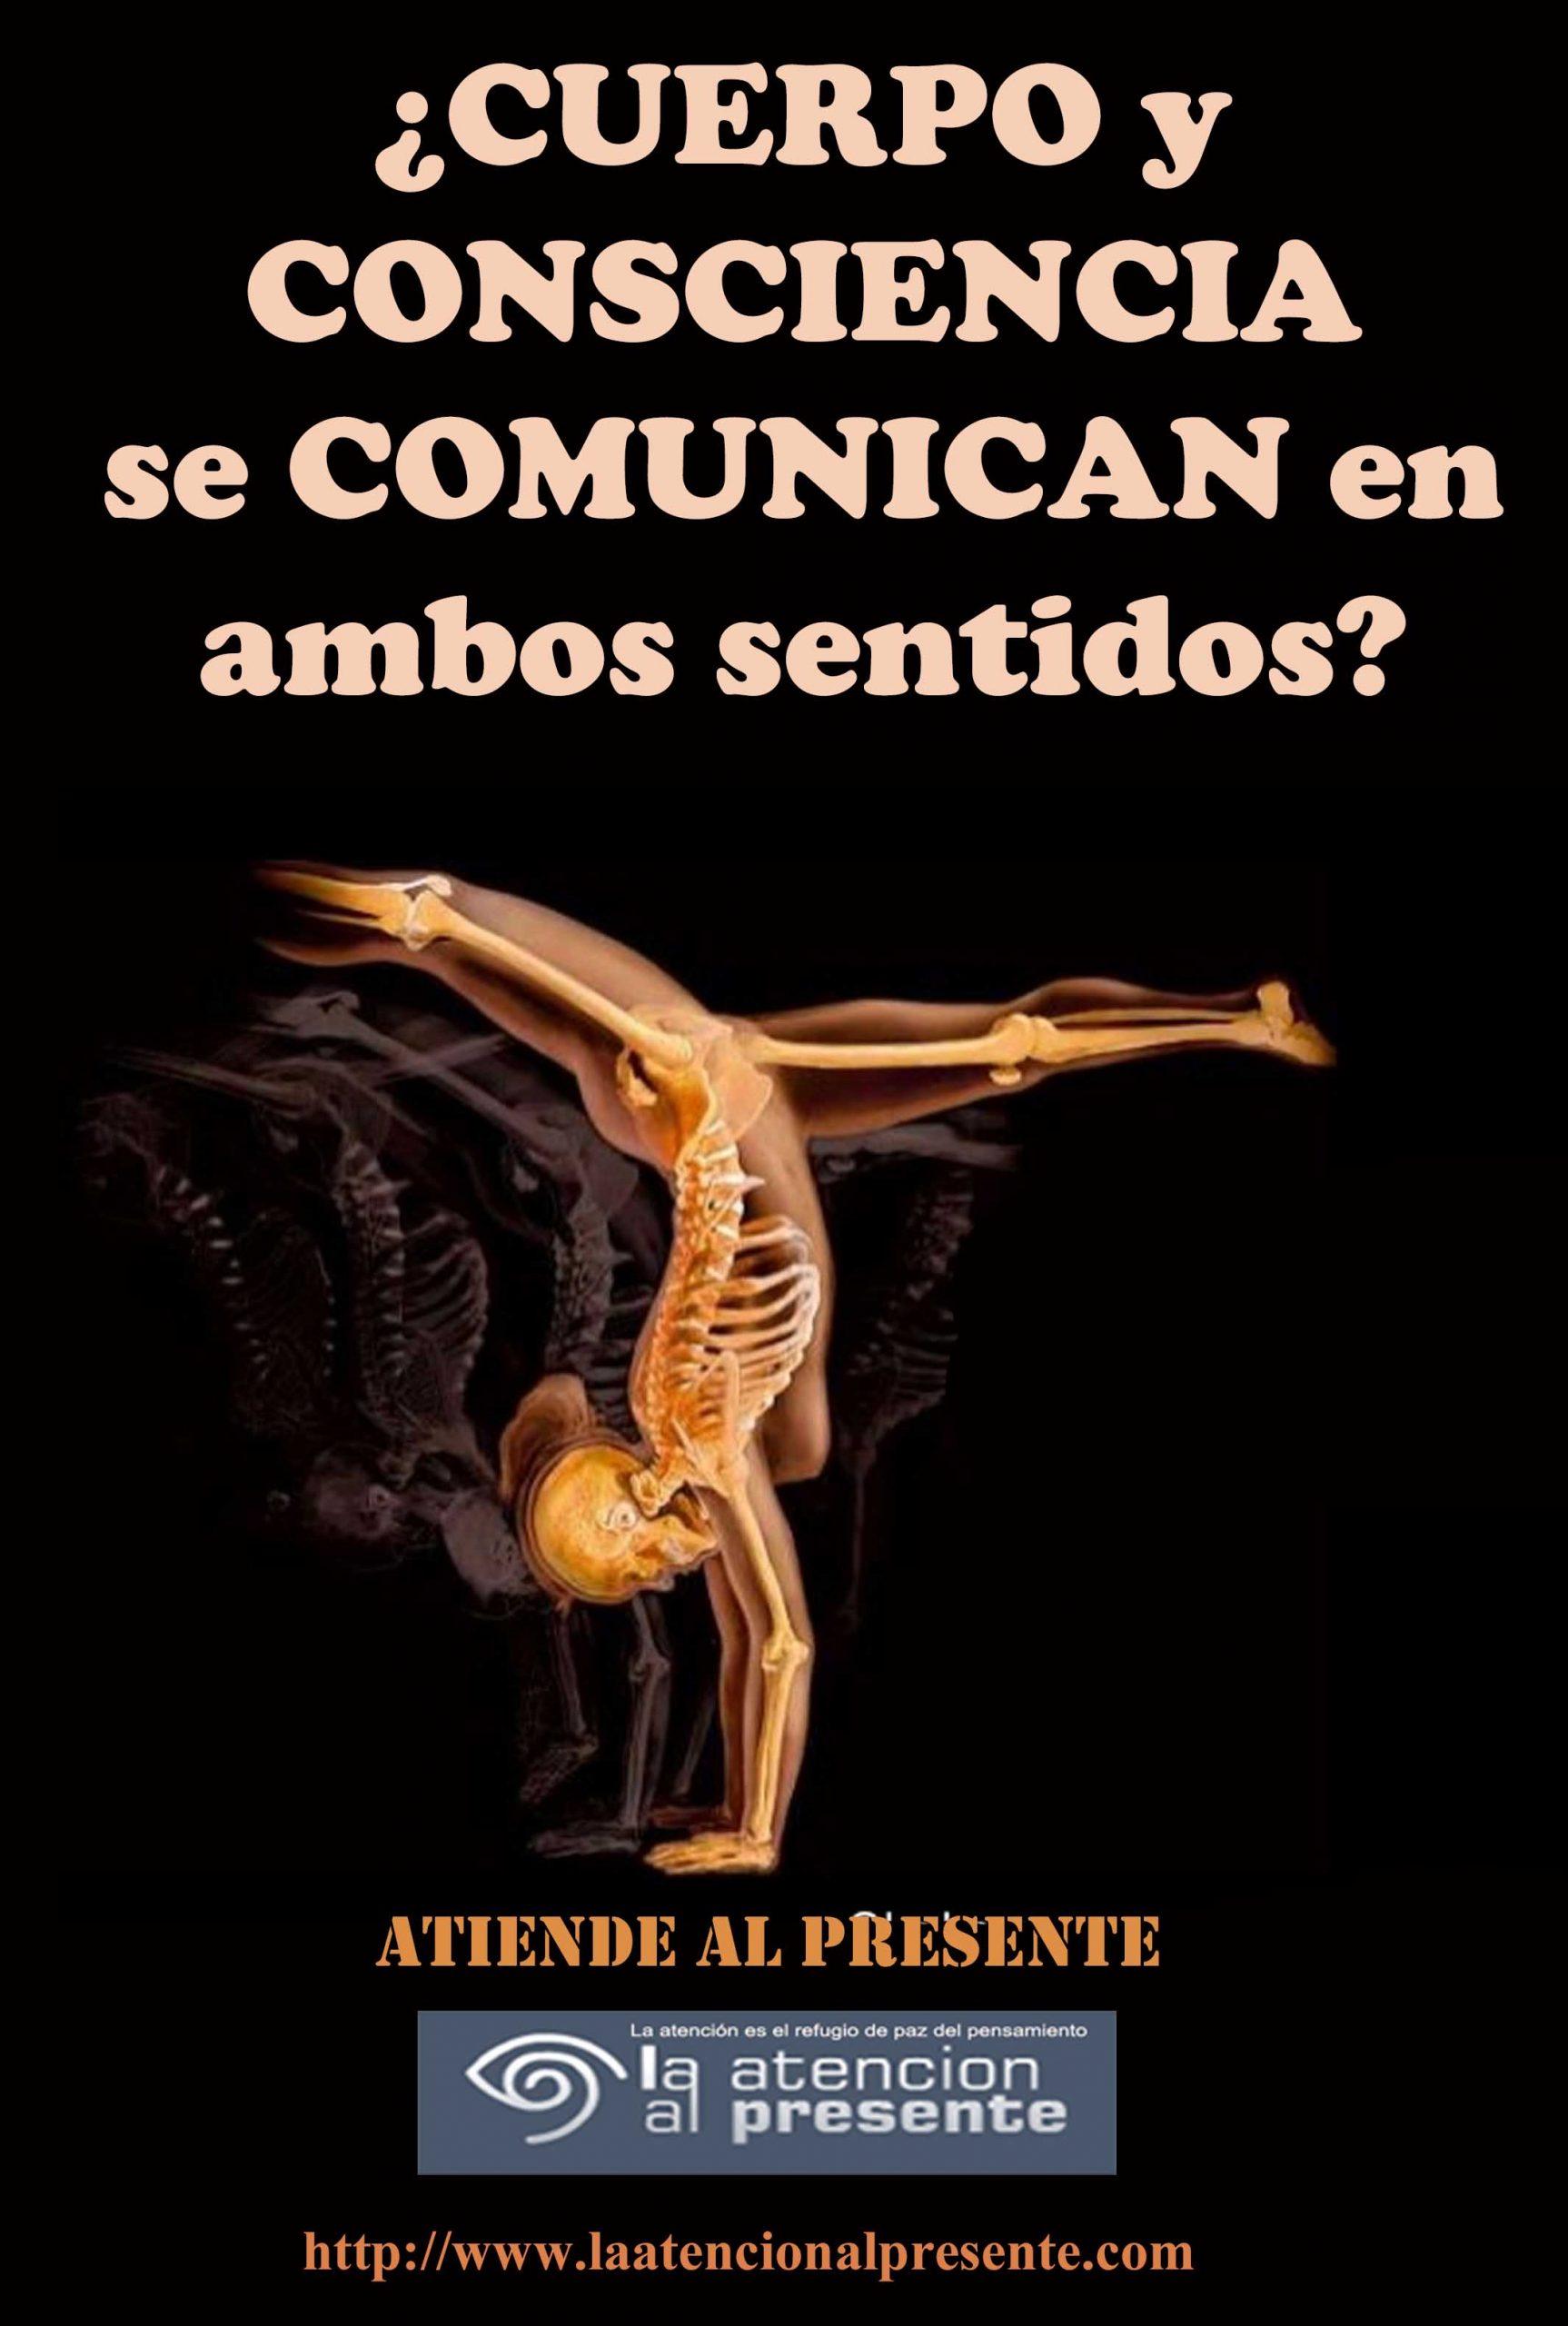 26 de junio Esteban CUERPO y CONSCIENCIA se COMUNICAN en ambos sentidos min scaled